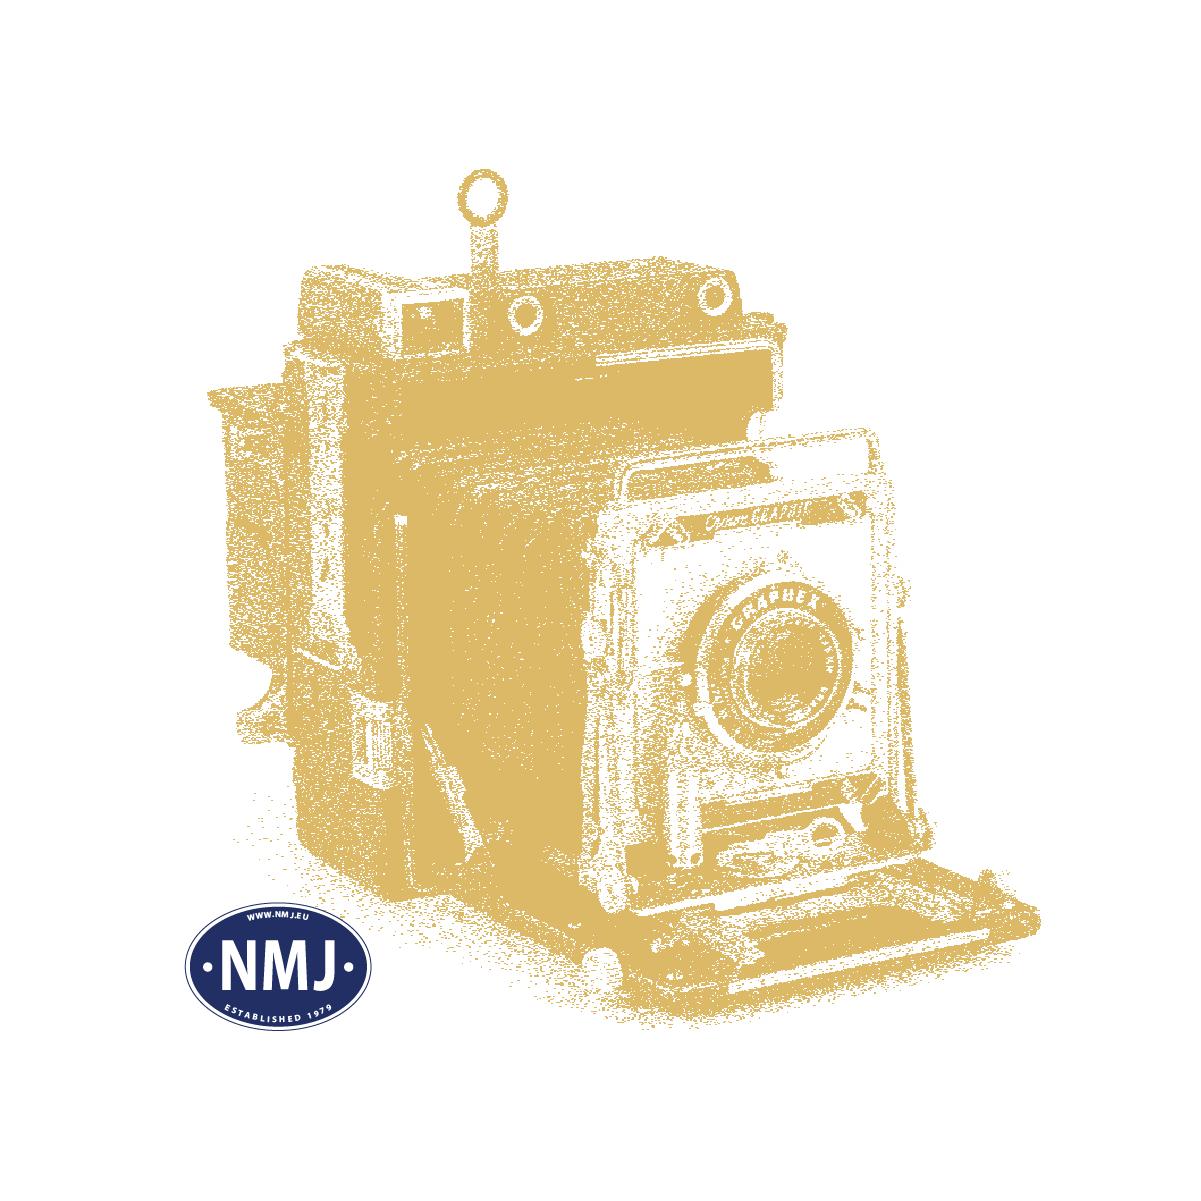 NMJ025005 - NMJ Superline NSB B10 25005